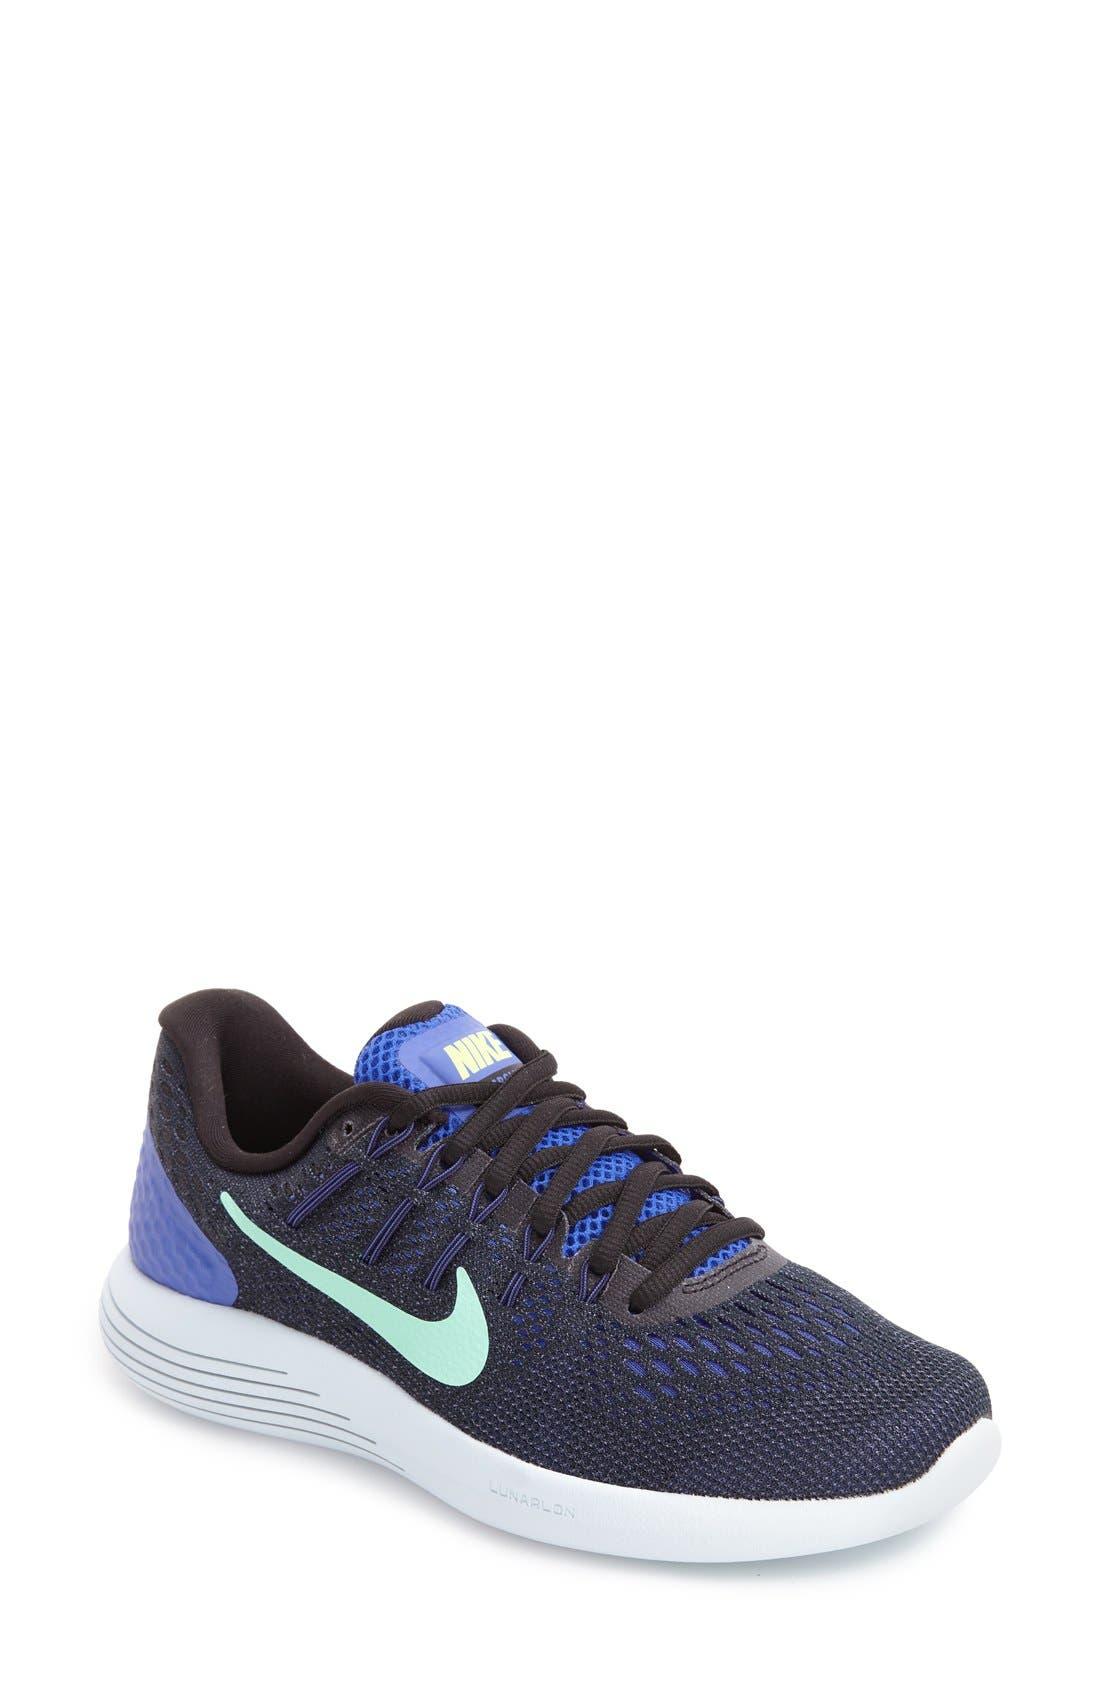 Alternate Image 1 Selected - Nike 'LunarGlide 8' Running Shoe (Women)